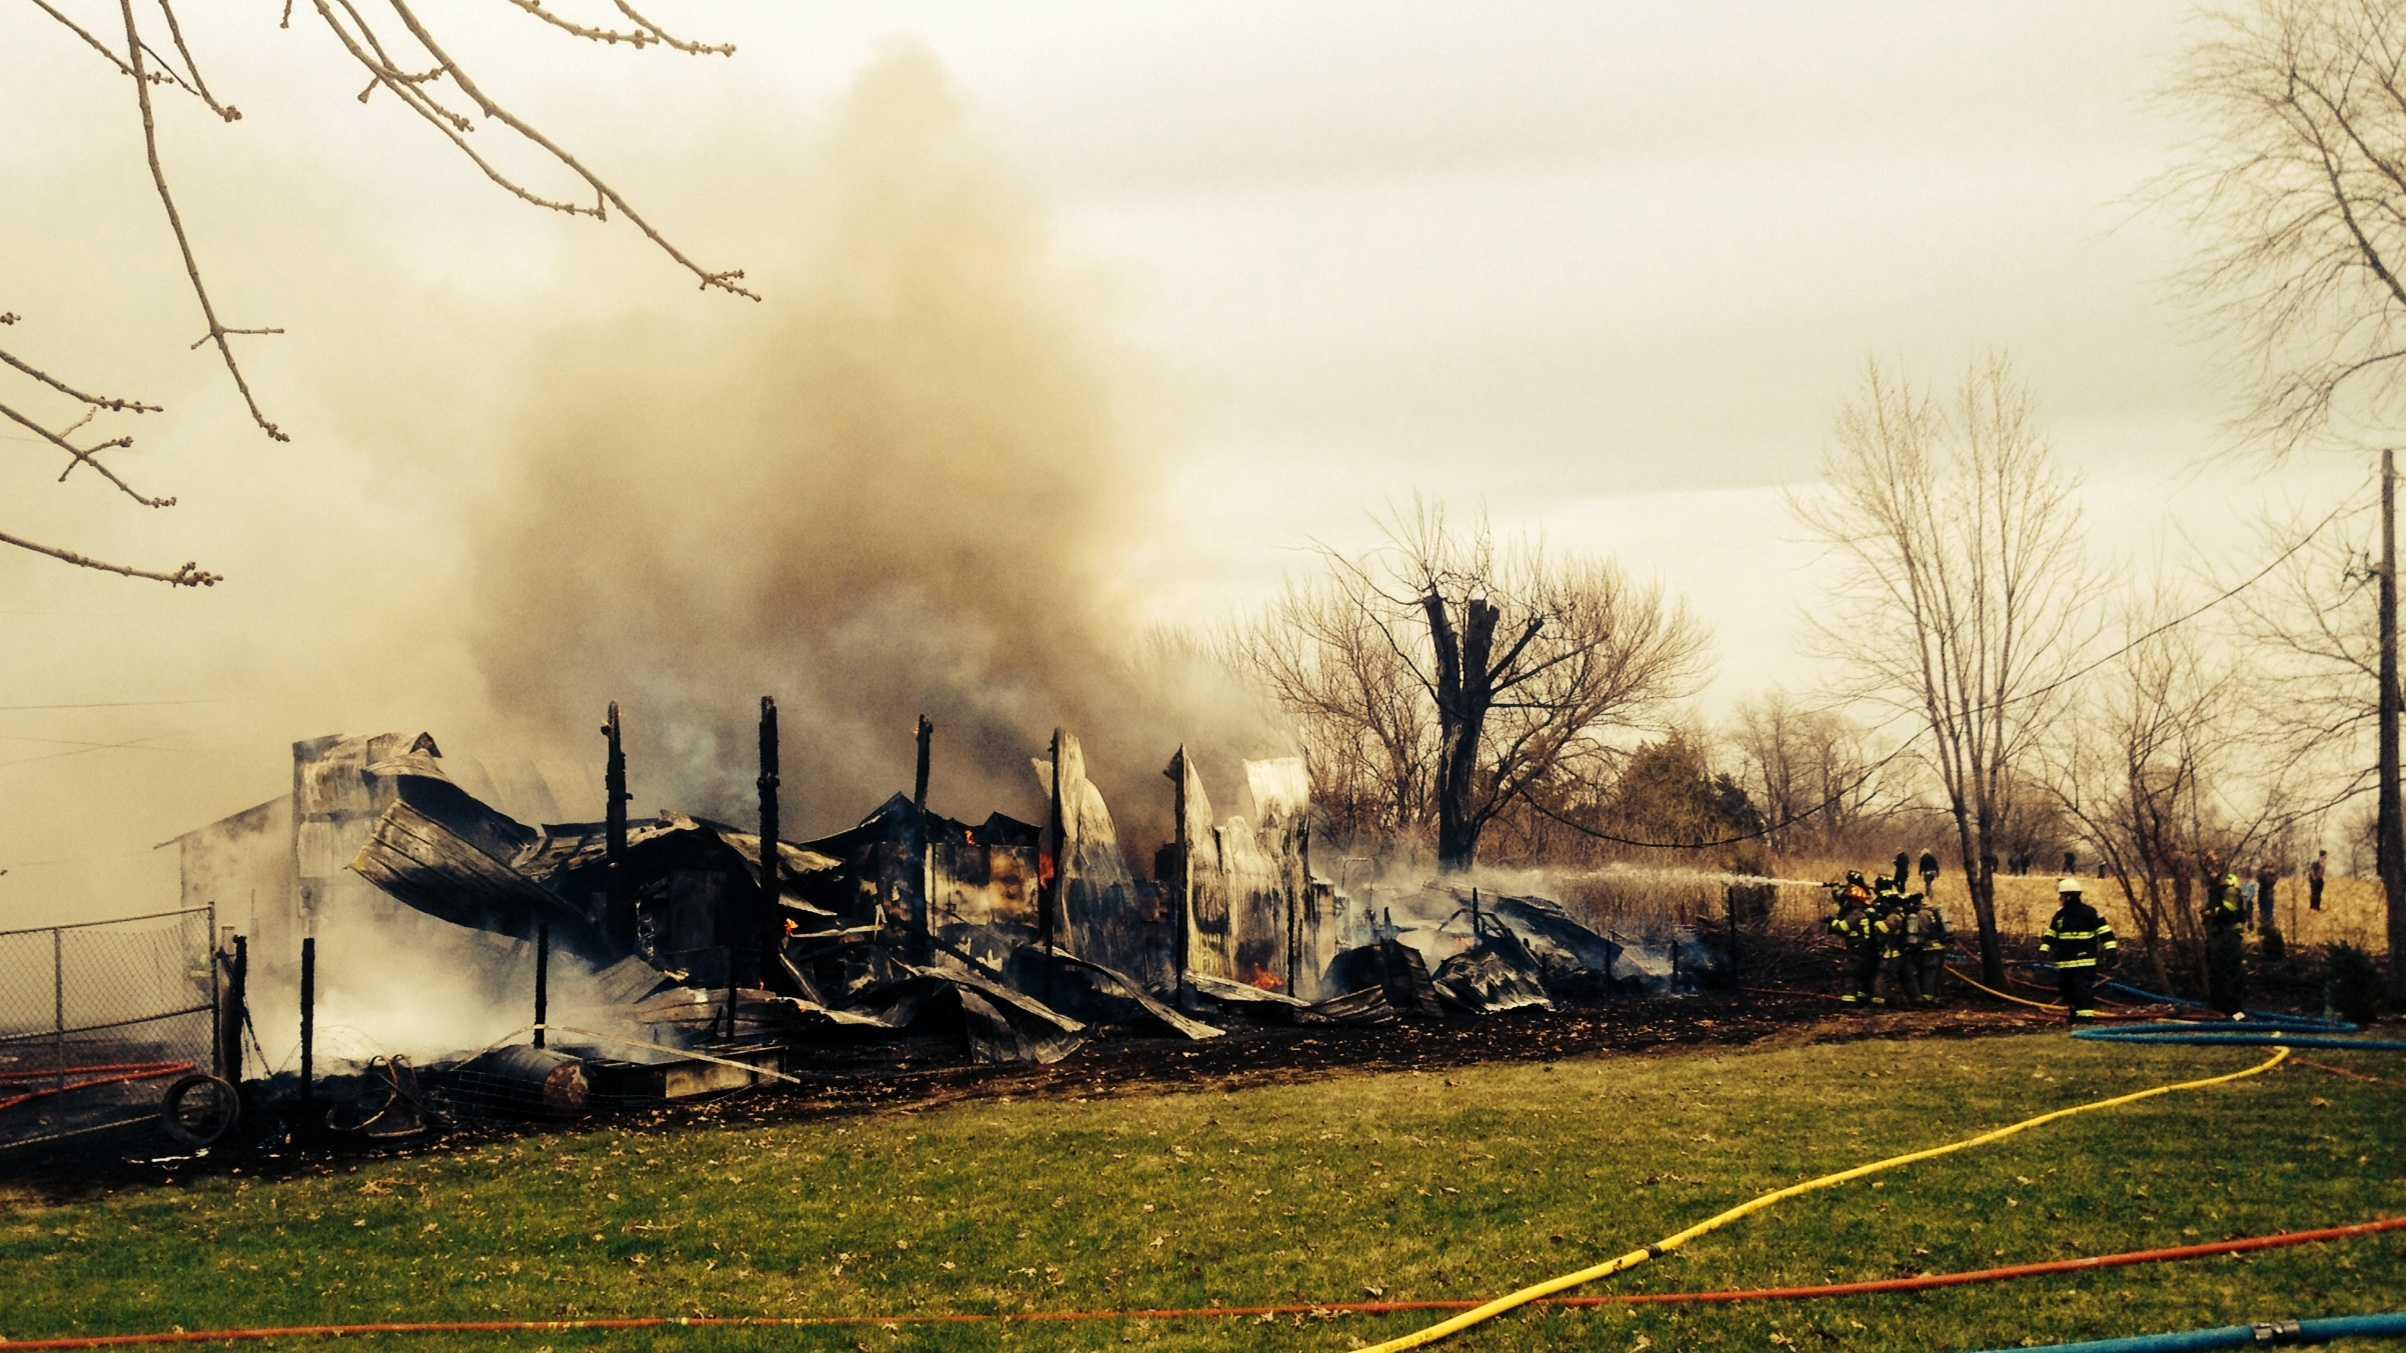 Fire destroys shop in Warren County